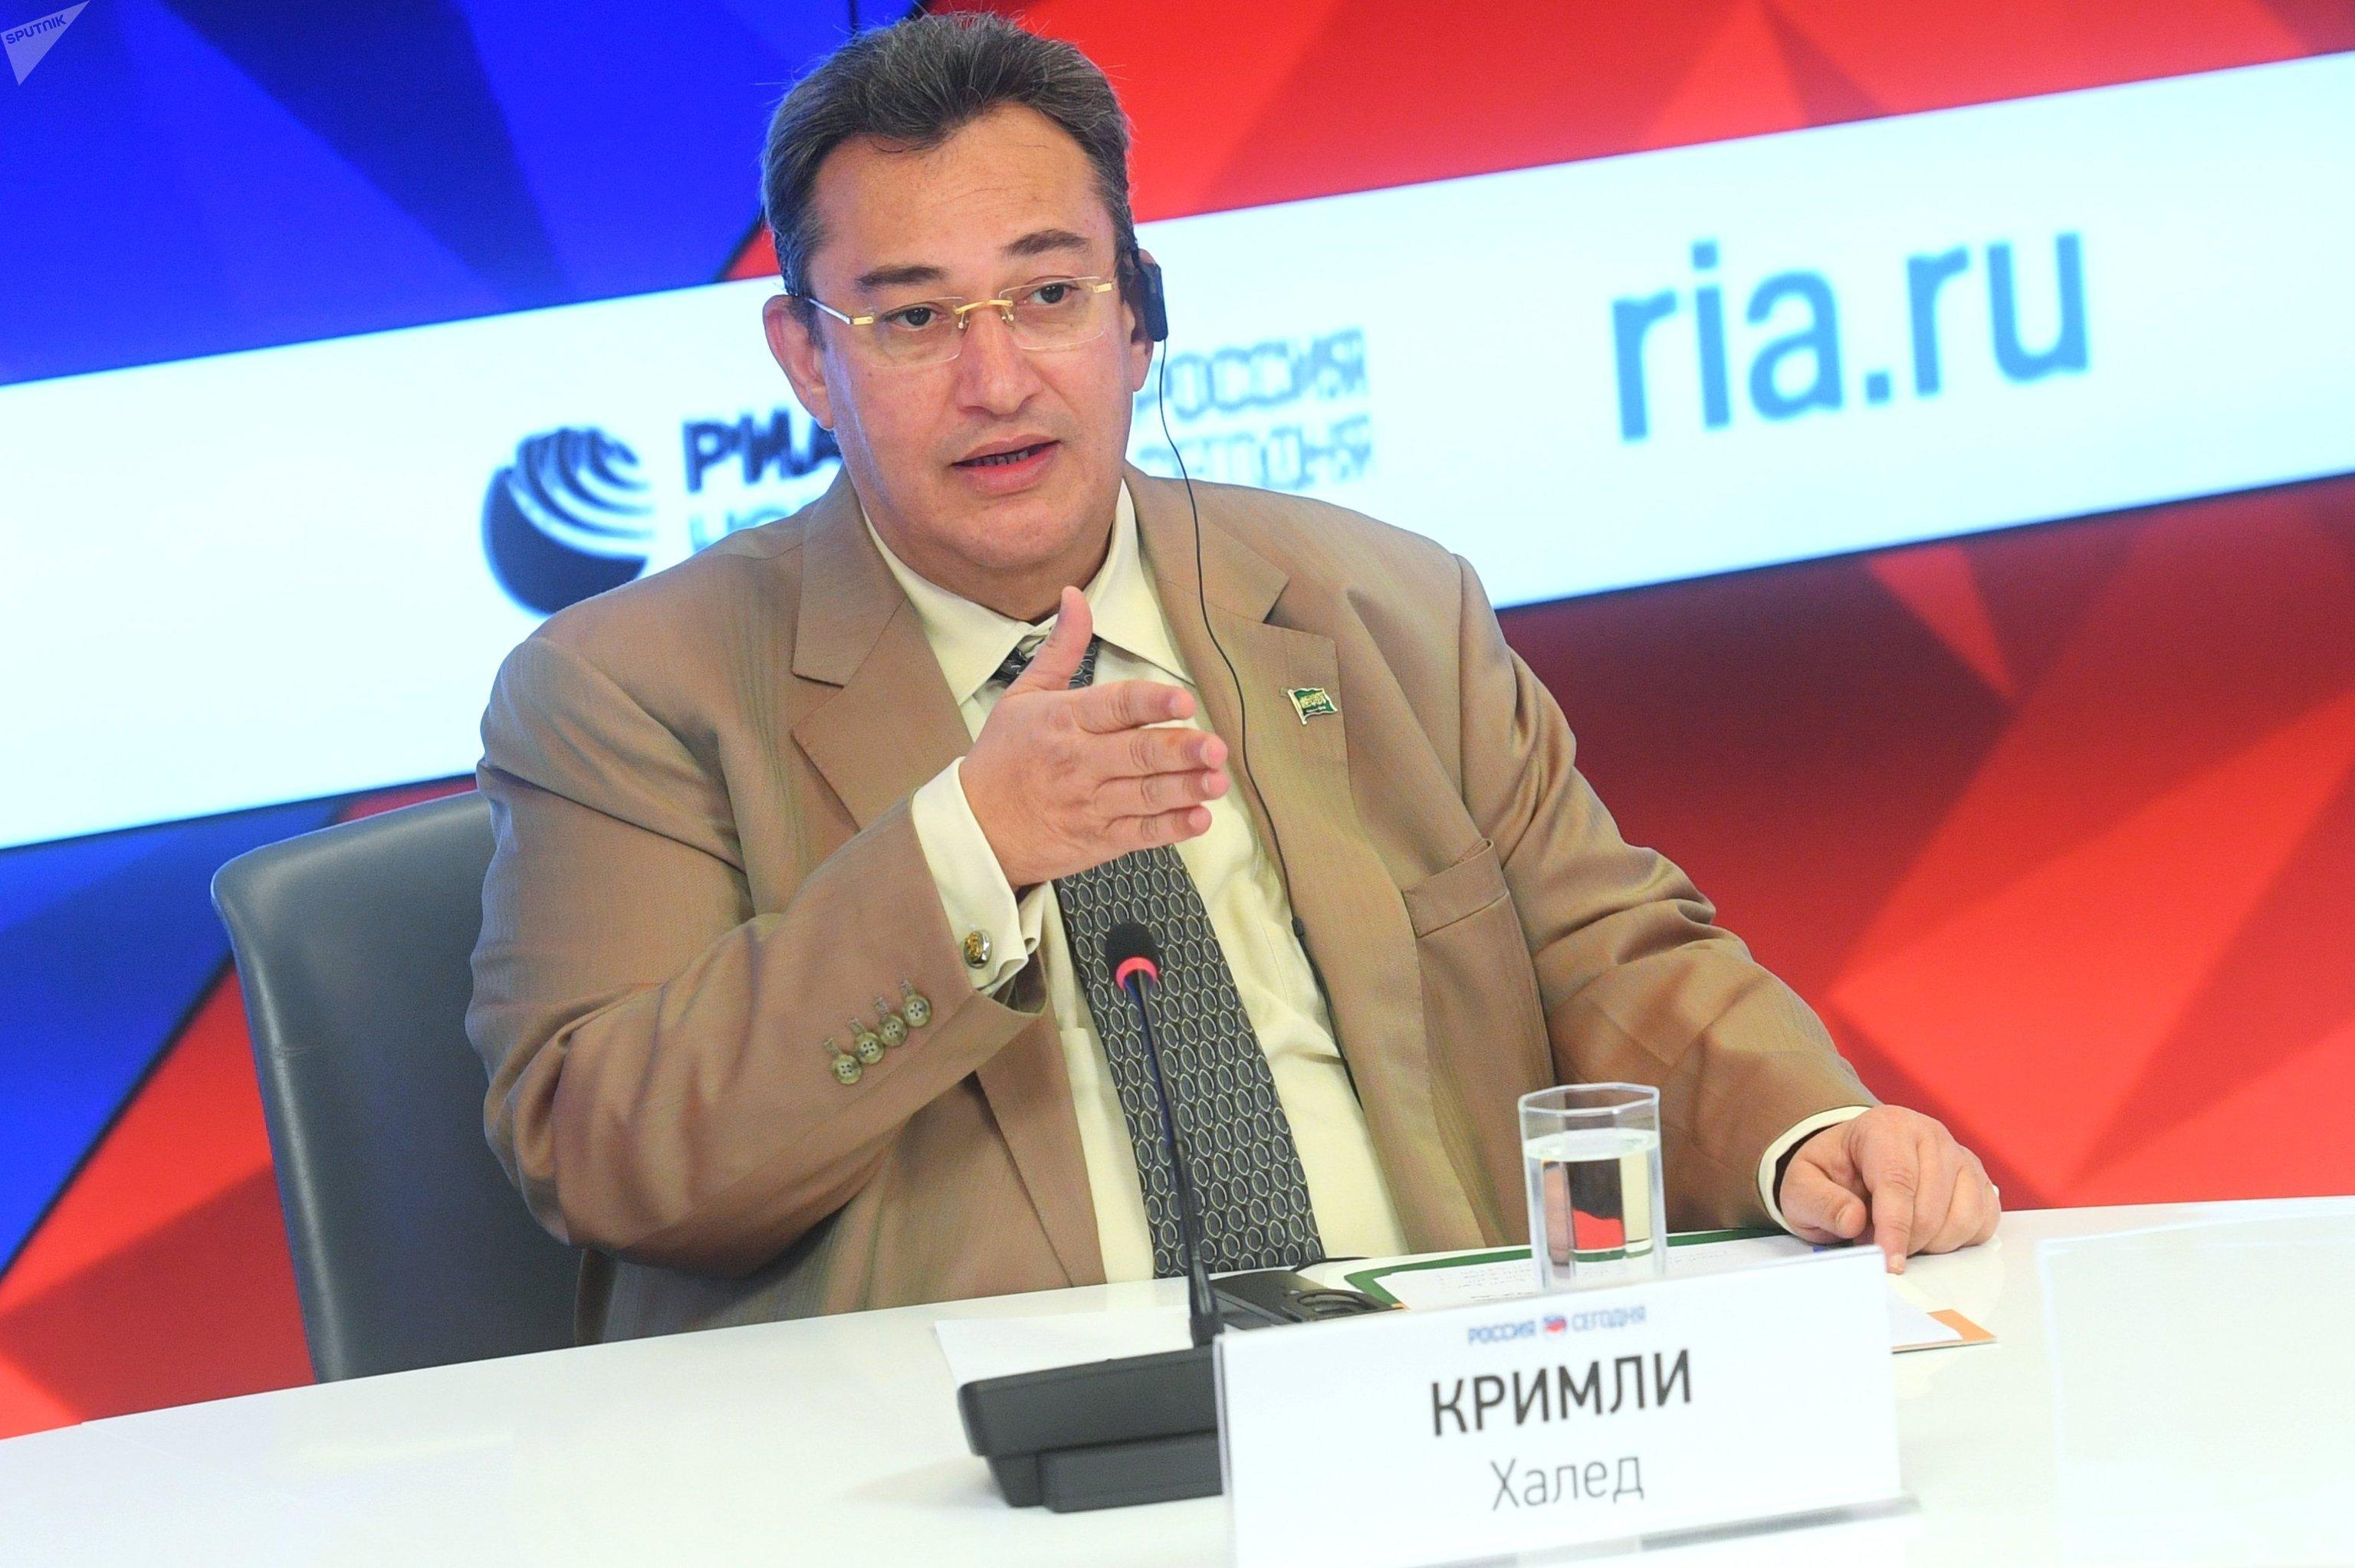 Raed Bin Khaled Qrimli, embajador de Arabia Saudí en Rusia en una rueda de prensa en la agencia MIA Rossiya Segodnya, matriz de Sputnik